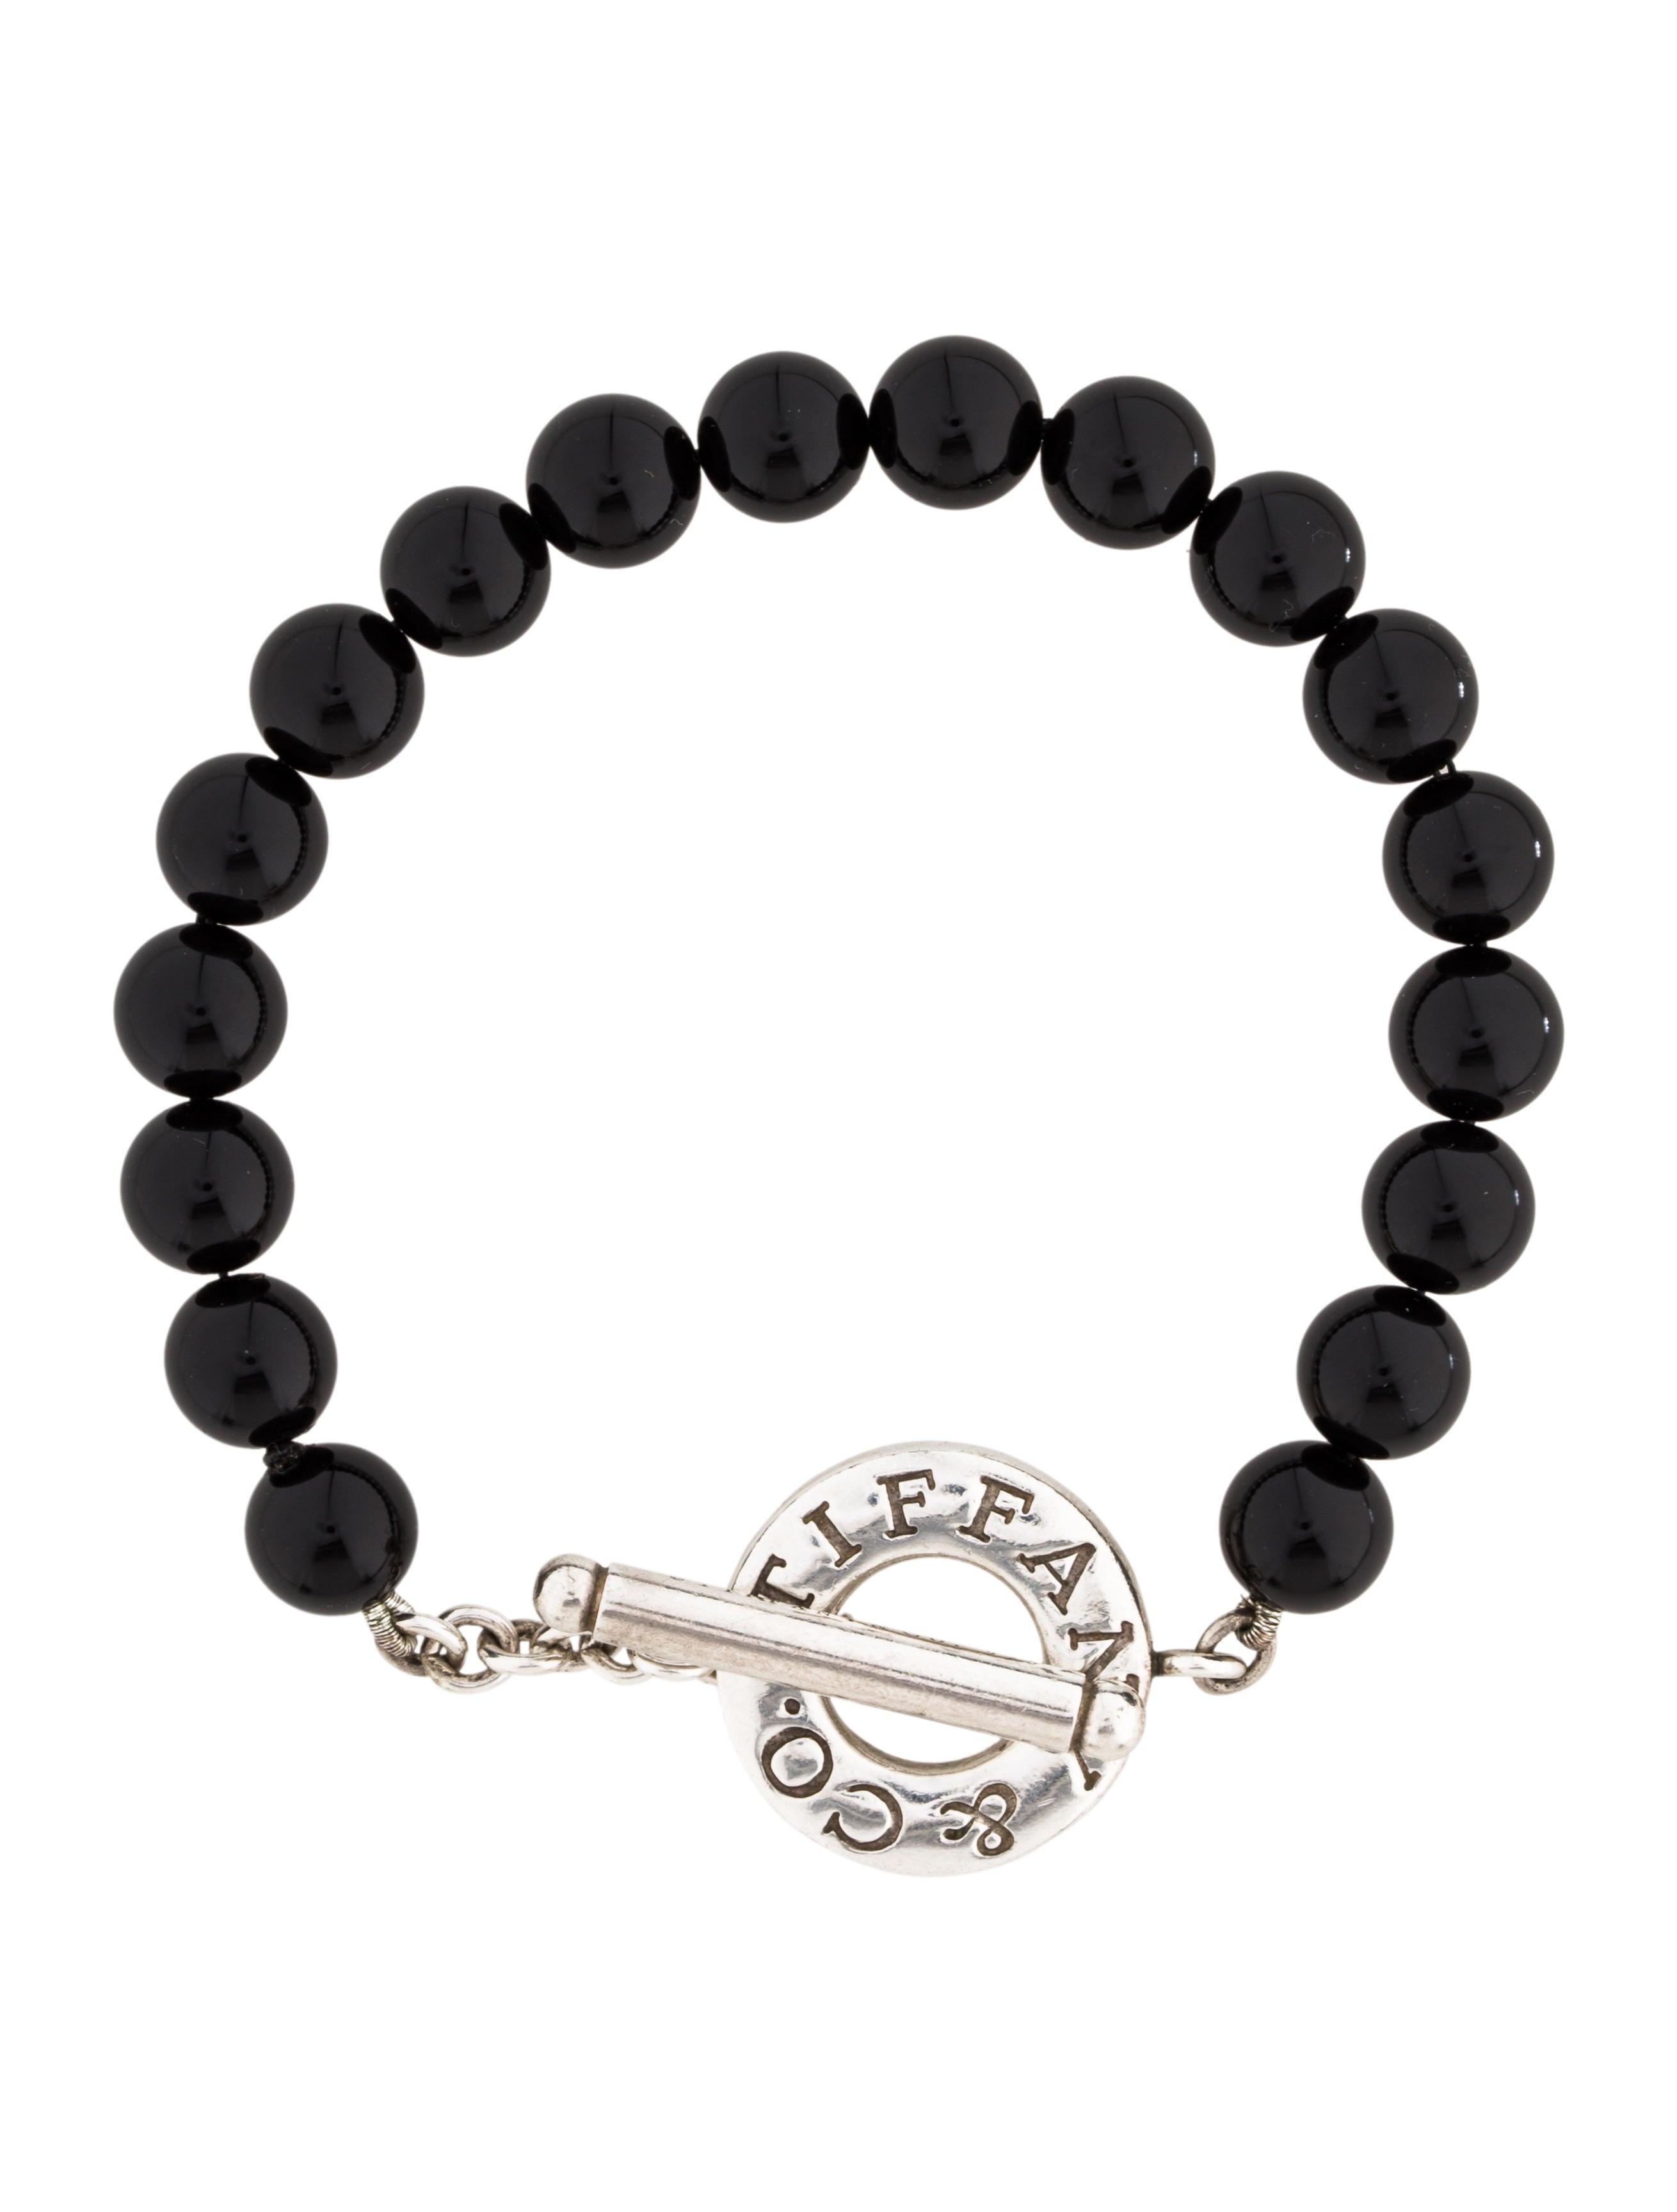 Tiffany Amp Co Onyx Bead Bracelet Bracelets Tif57614